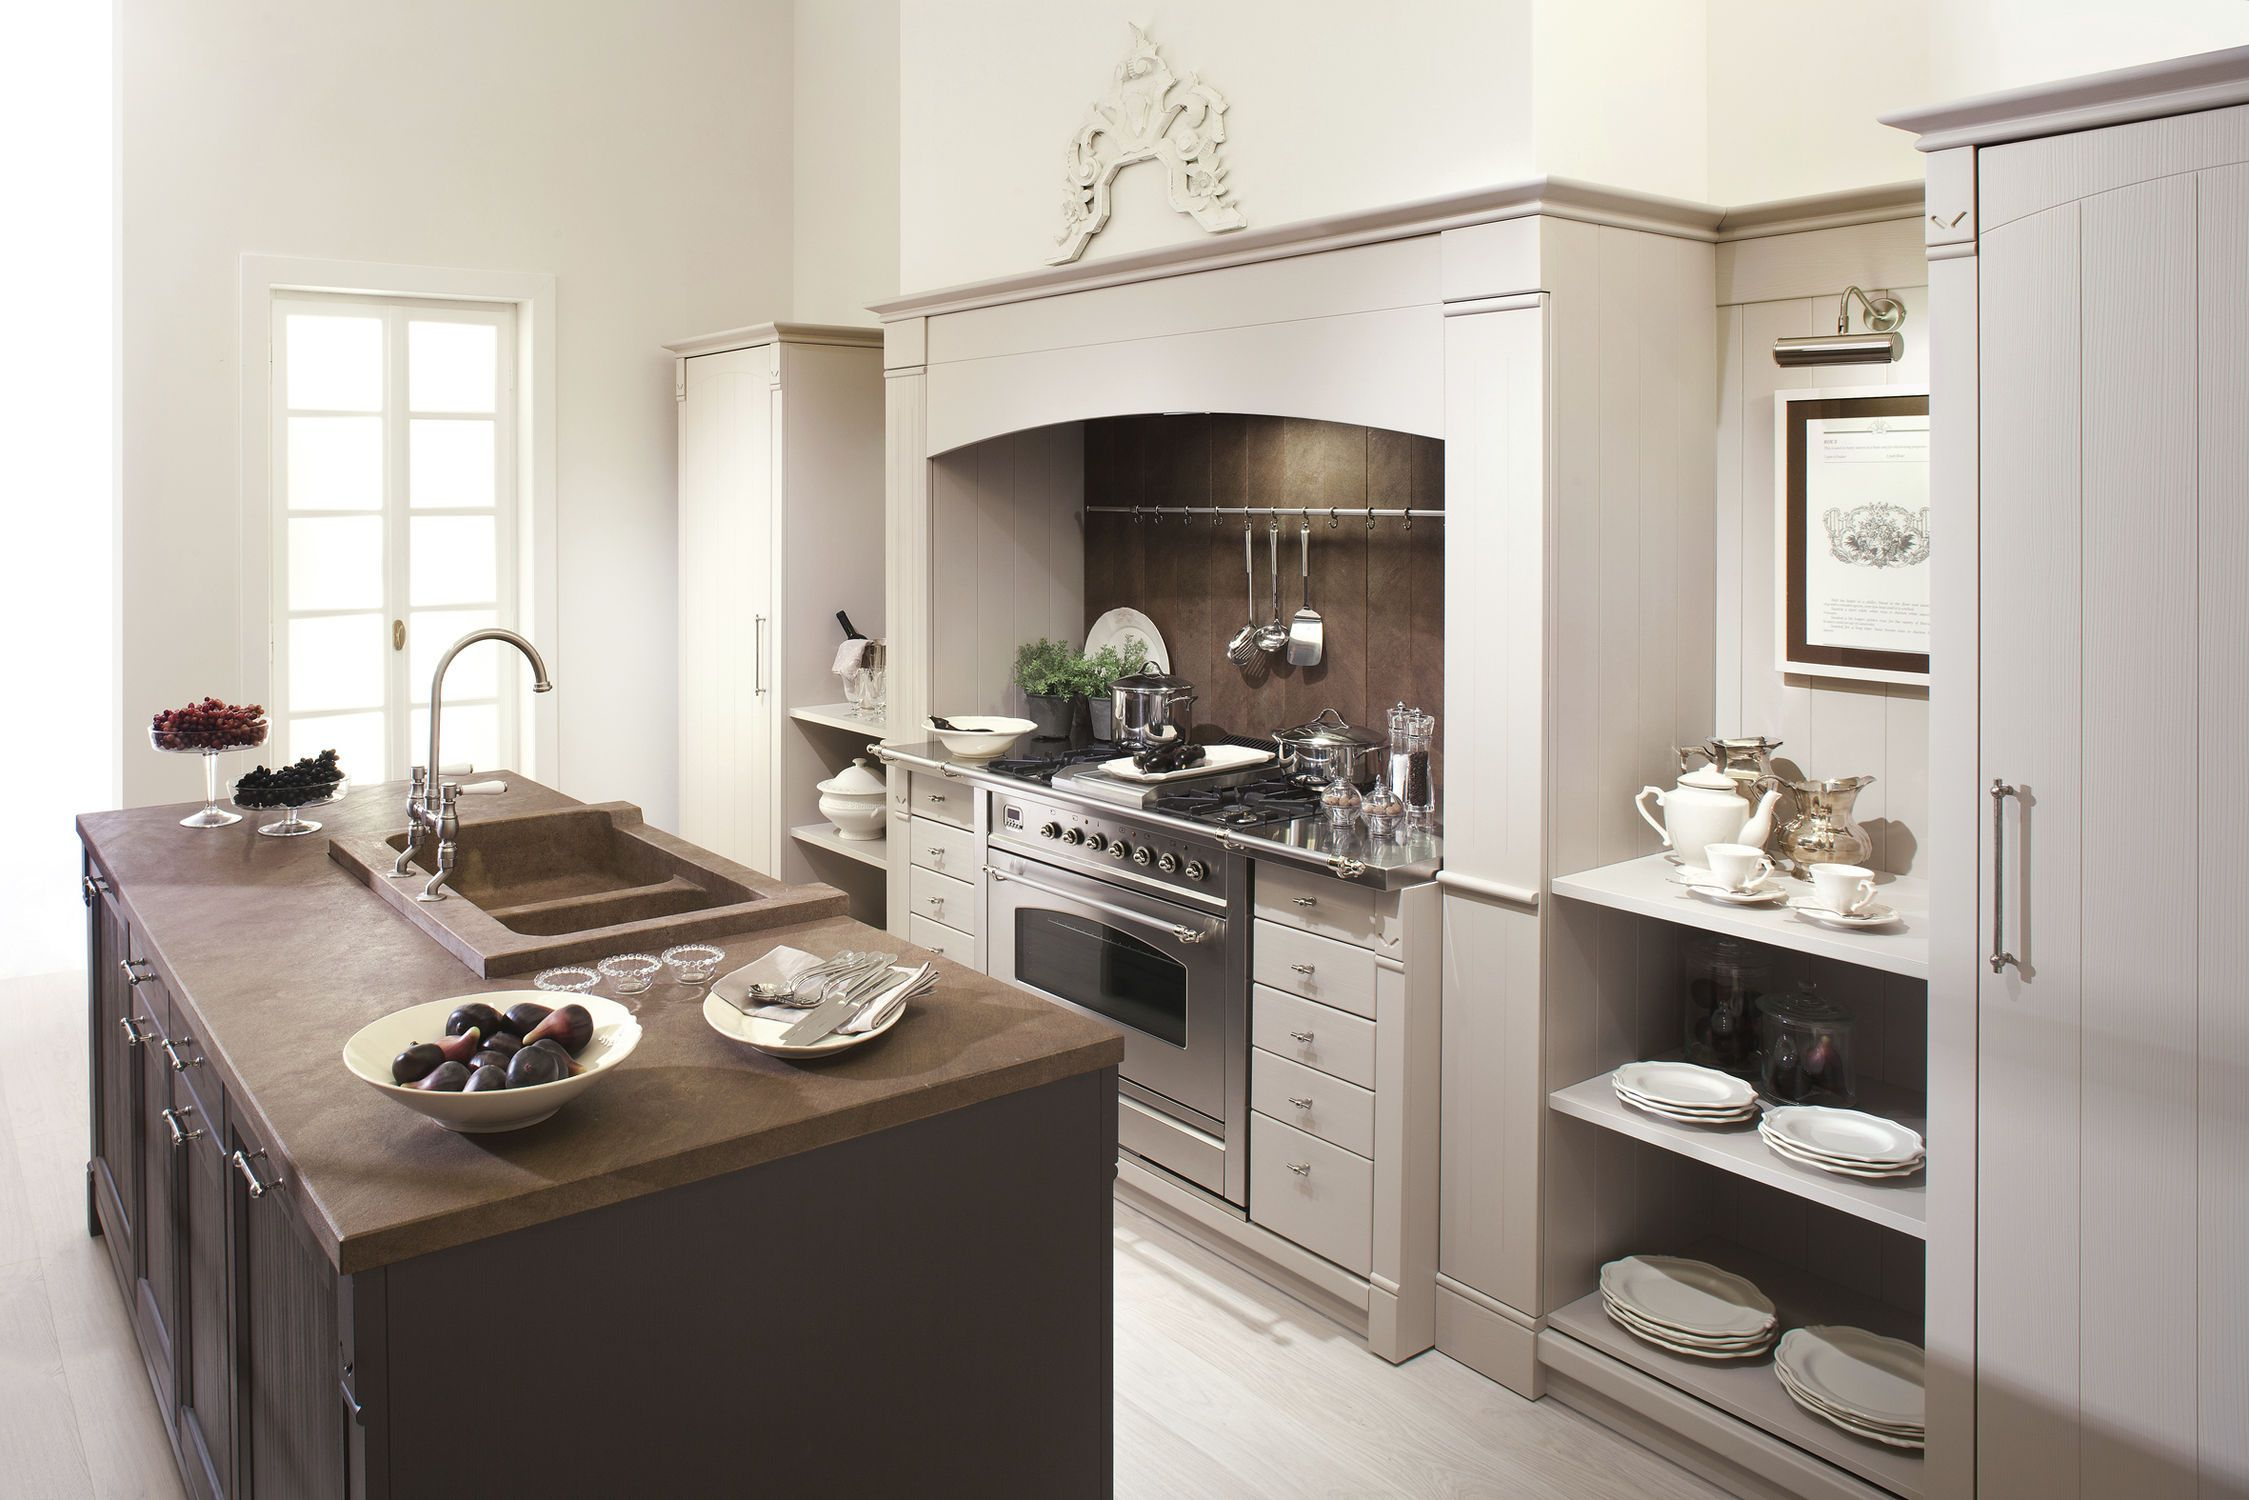 Cucina classica in legno in legno massiccio con isola english mood kitchen kitchen - Cucina classica con isola ...